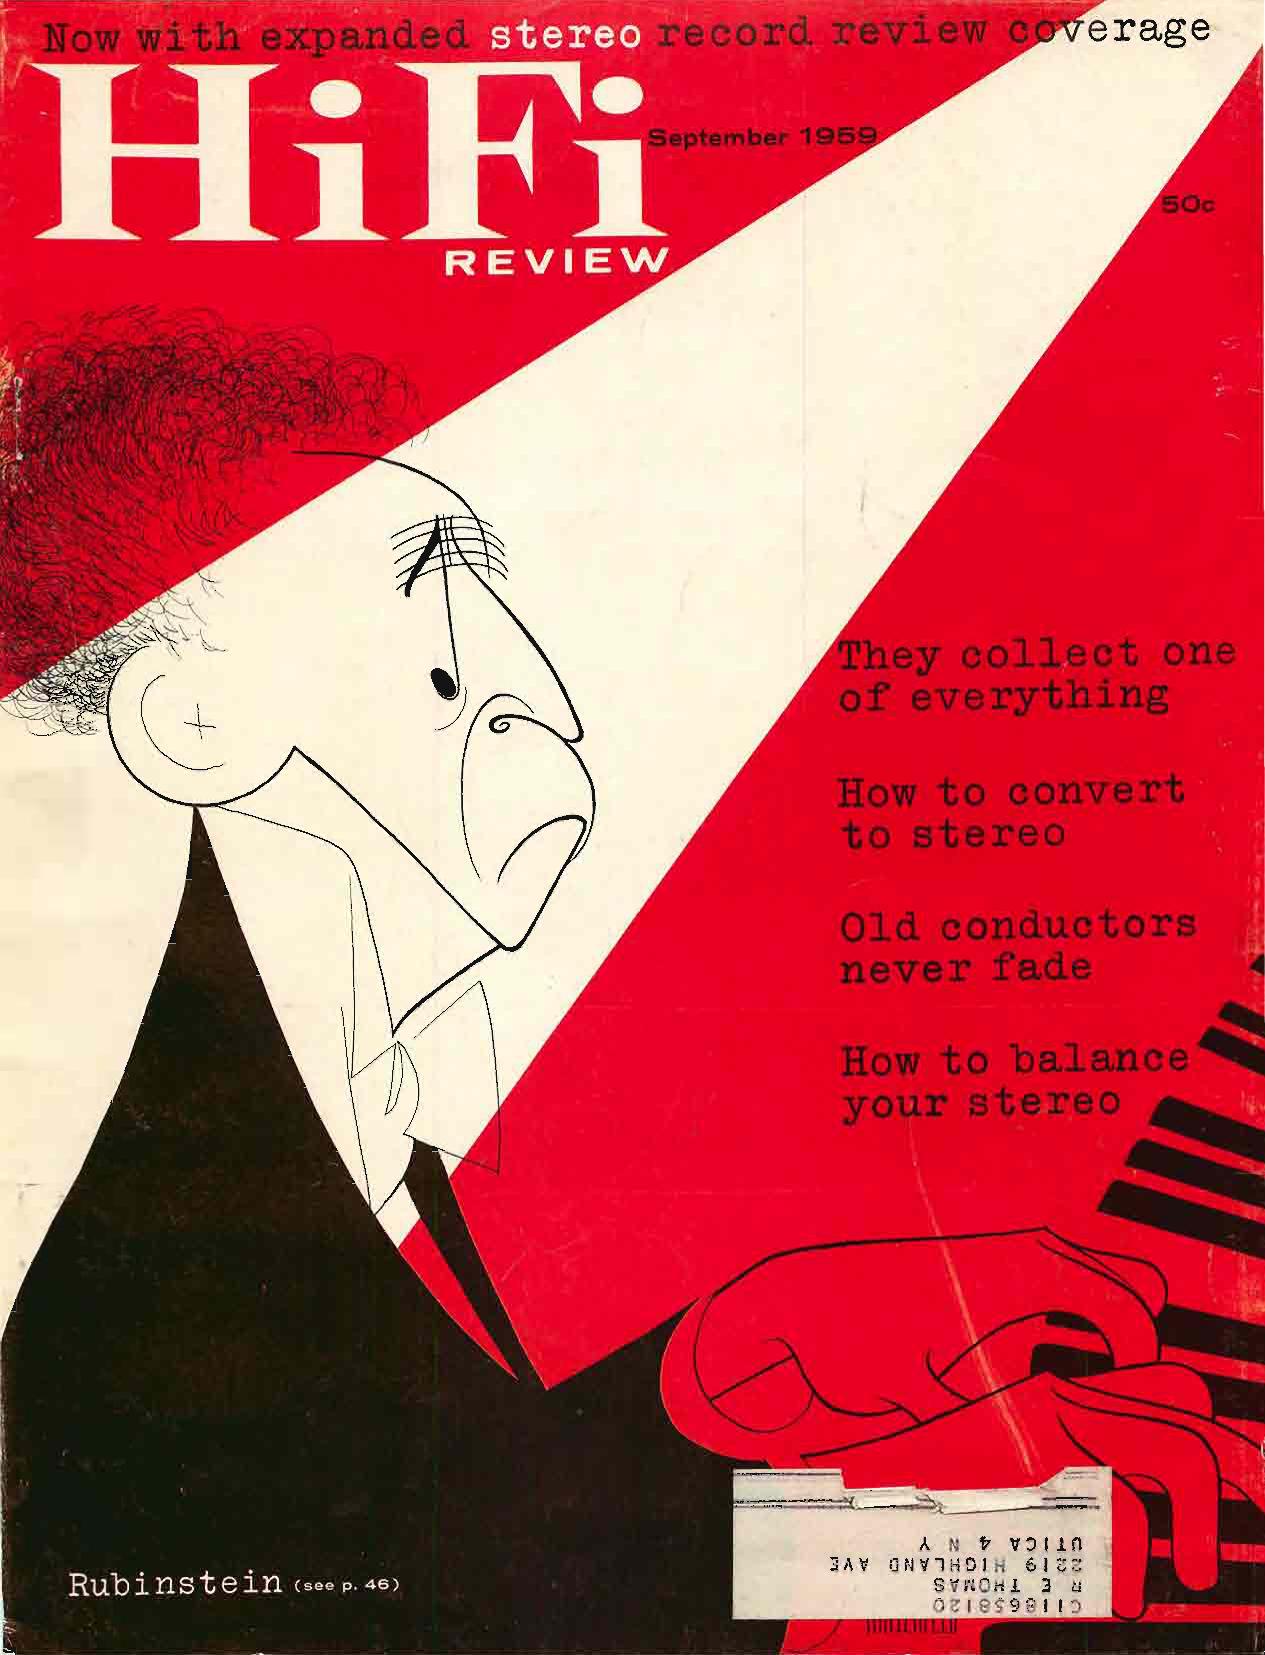 Hifistereo Review September 1959 Manualzzcom